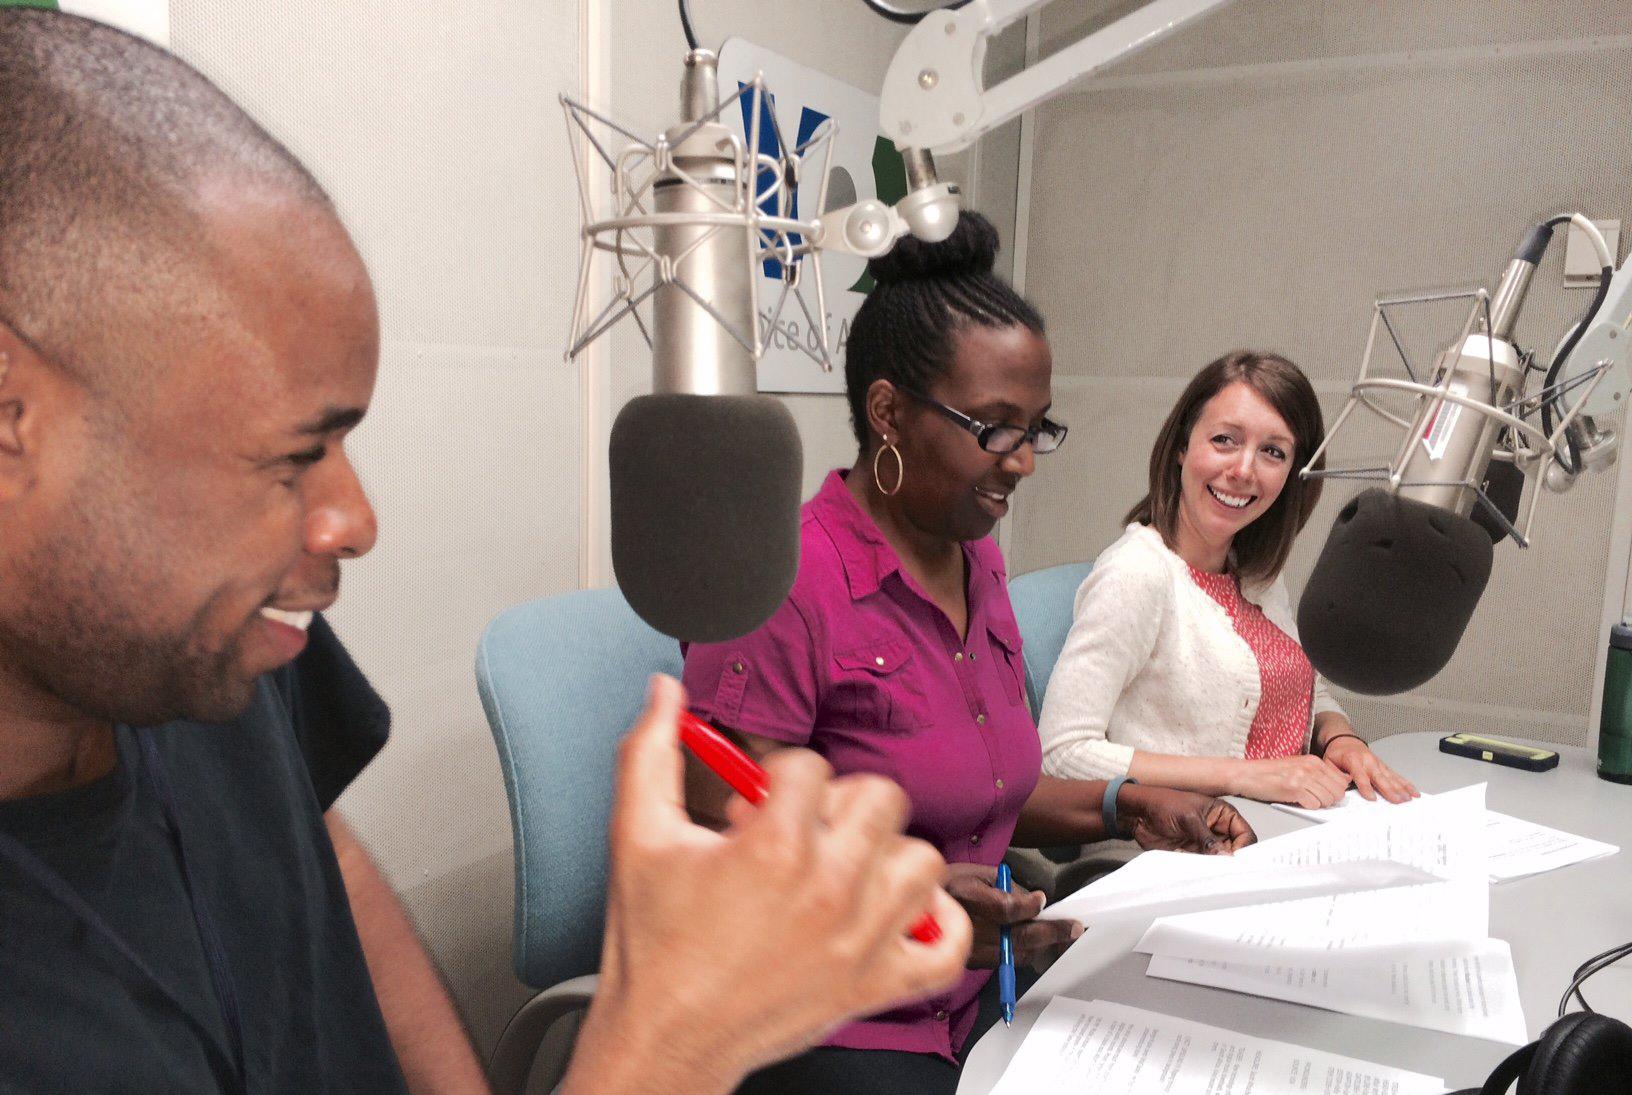 Deux femmes et un homme assis à une table, devant des micros, et révisant des papiers (Voice of America)